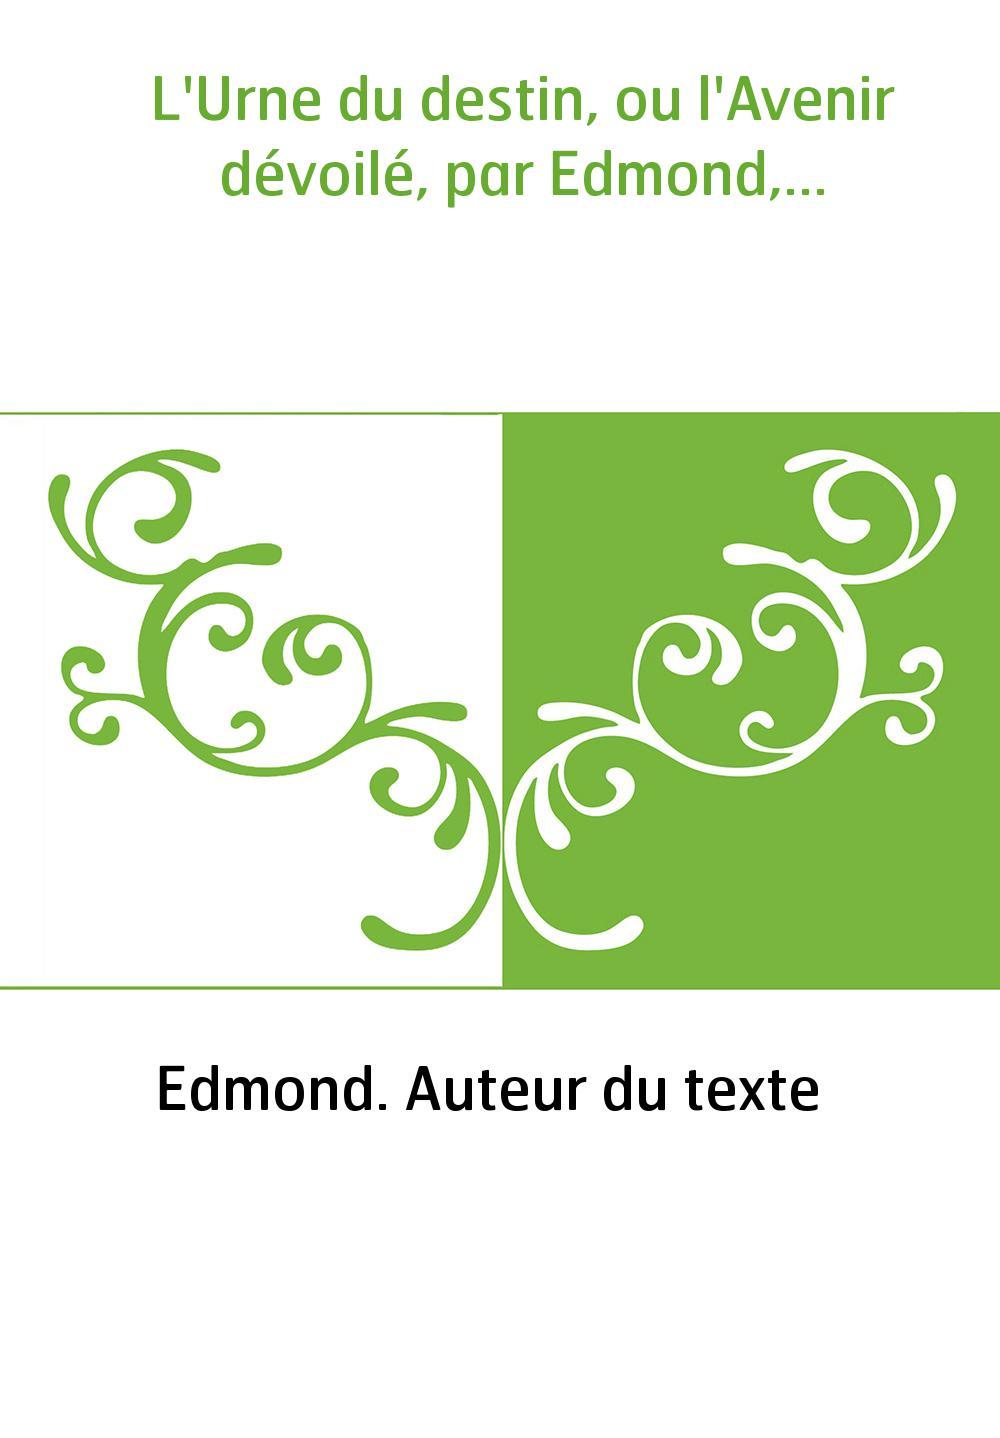 L'Urne du destin, ou l'Avenir dévoilé, par Edmond,...